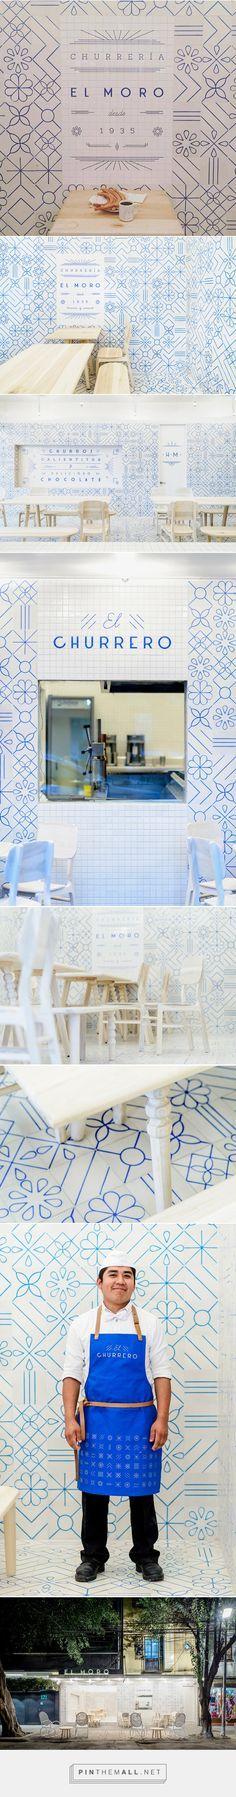 Cadena y Asociados invade la churrería 'El Moro' | Domestika... - a grouped images picture - Pin Them All